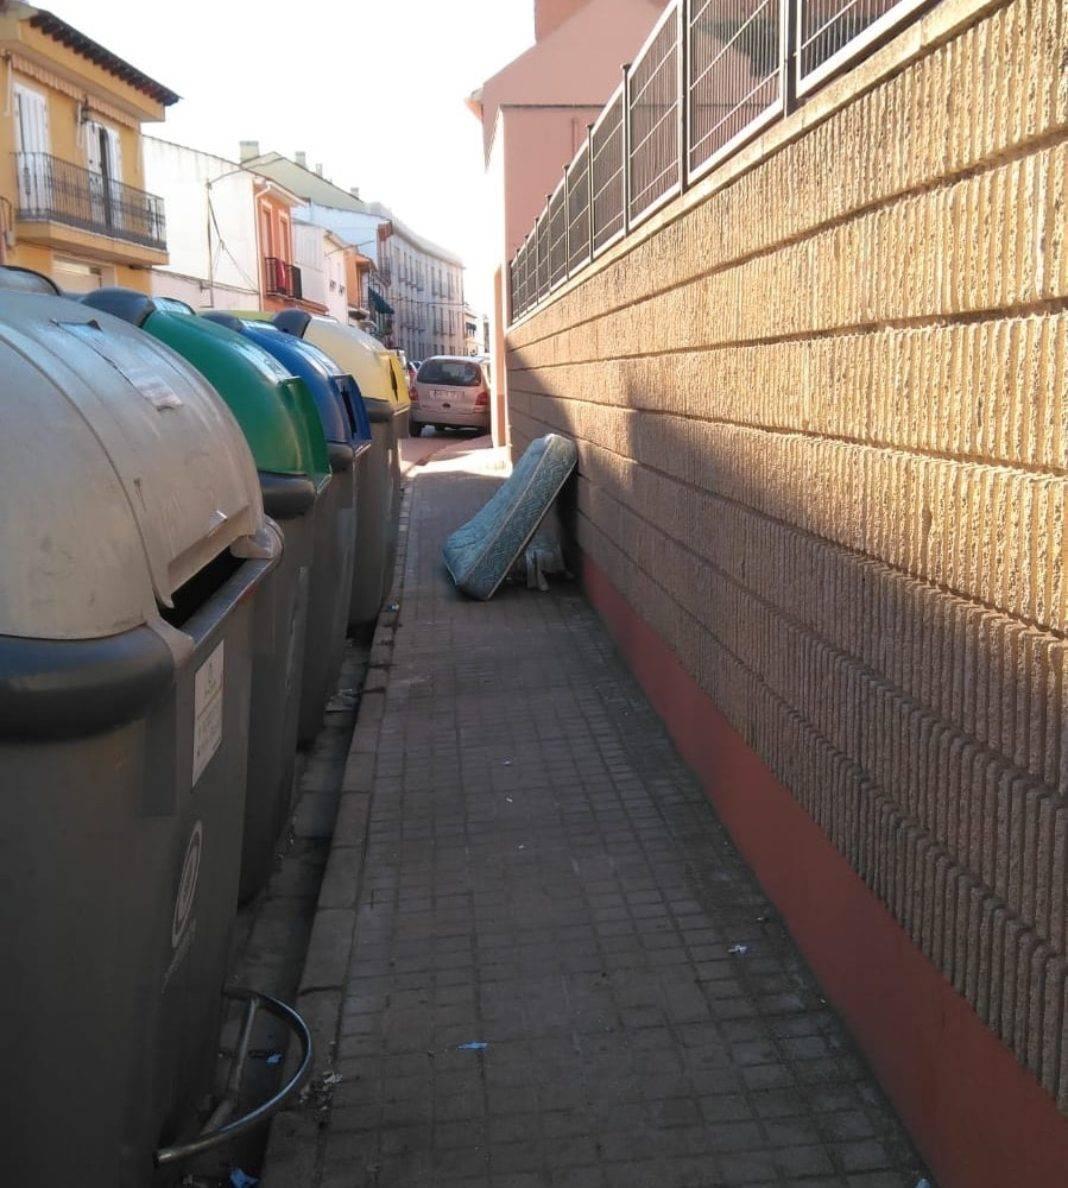 basura en las calles de herencia ciudad real 2 1068x1188 - La vía pública no es para dejar colchones o muebles, campaña Cuida tu Herencia